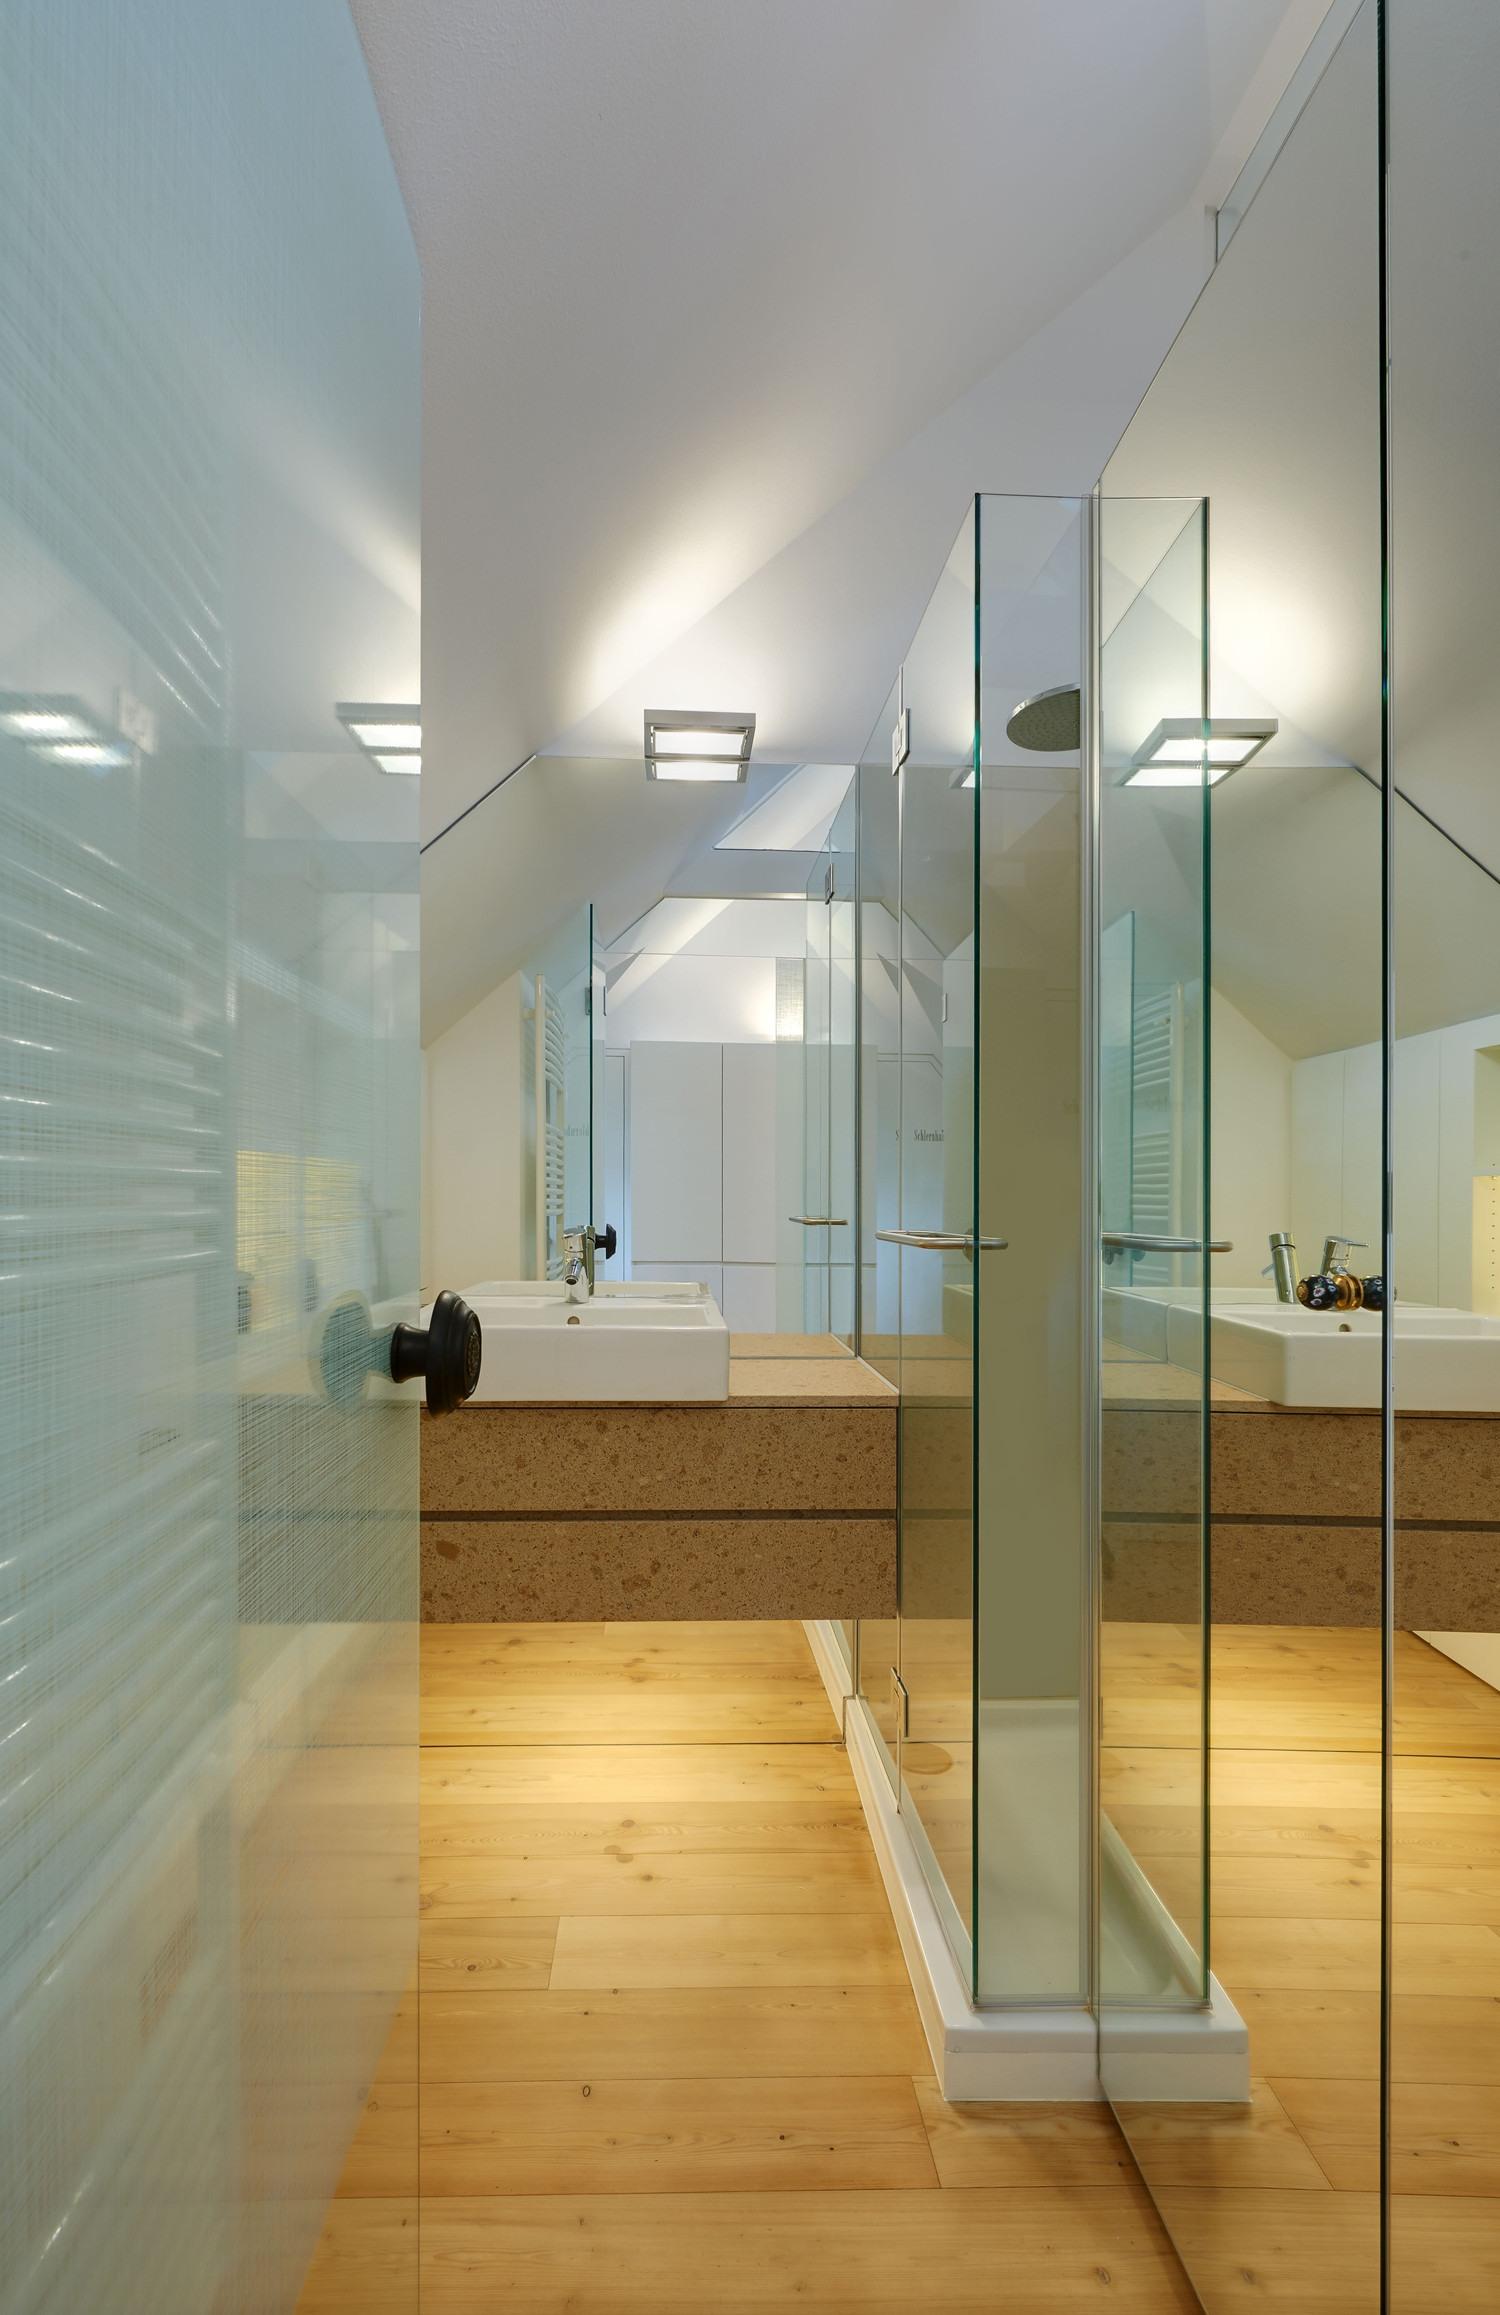 Un appartamento in una mini mansarda di 50 metri quadri for Piani a pianta aperta